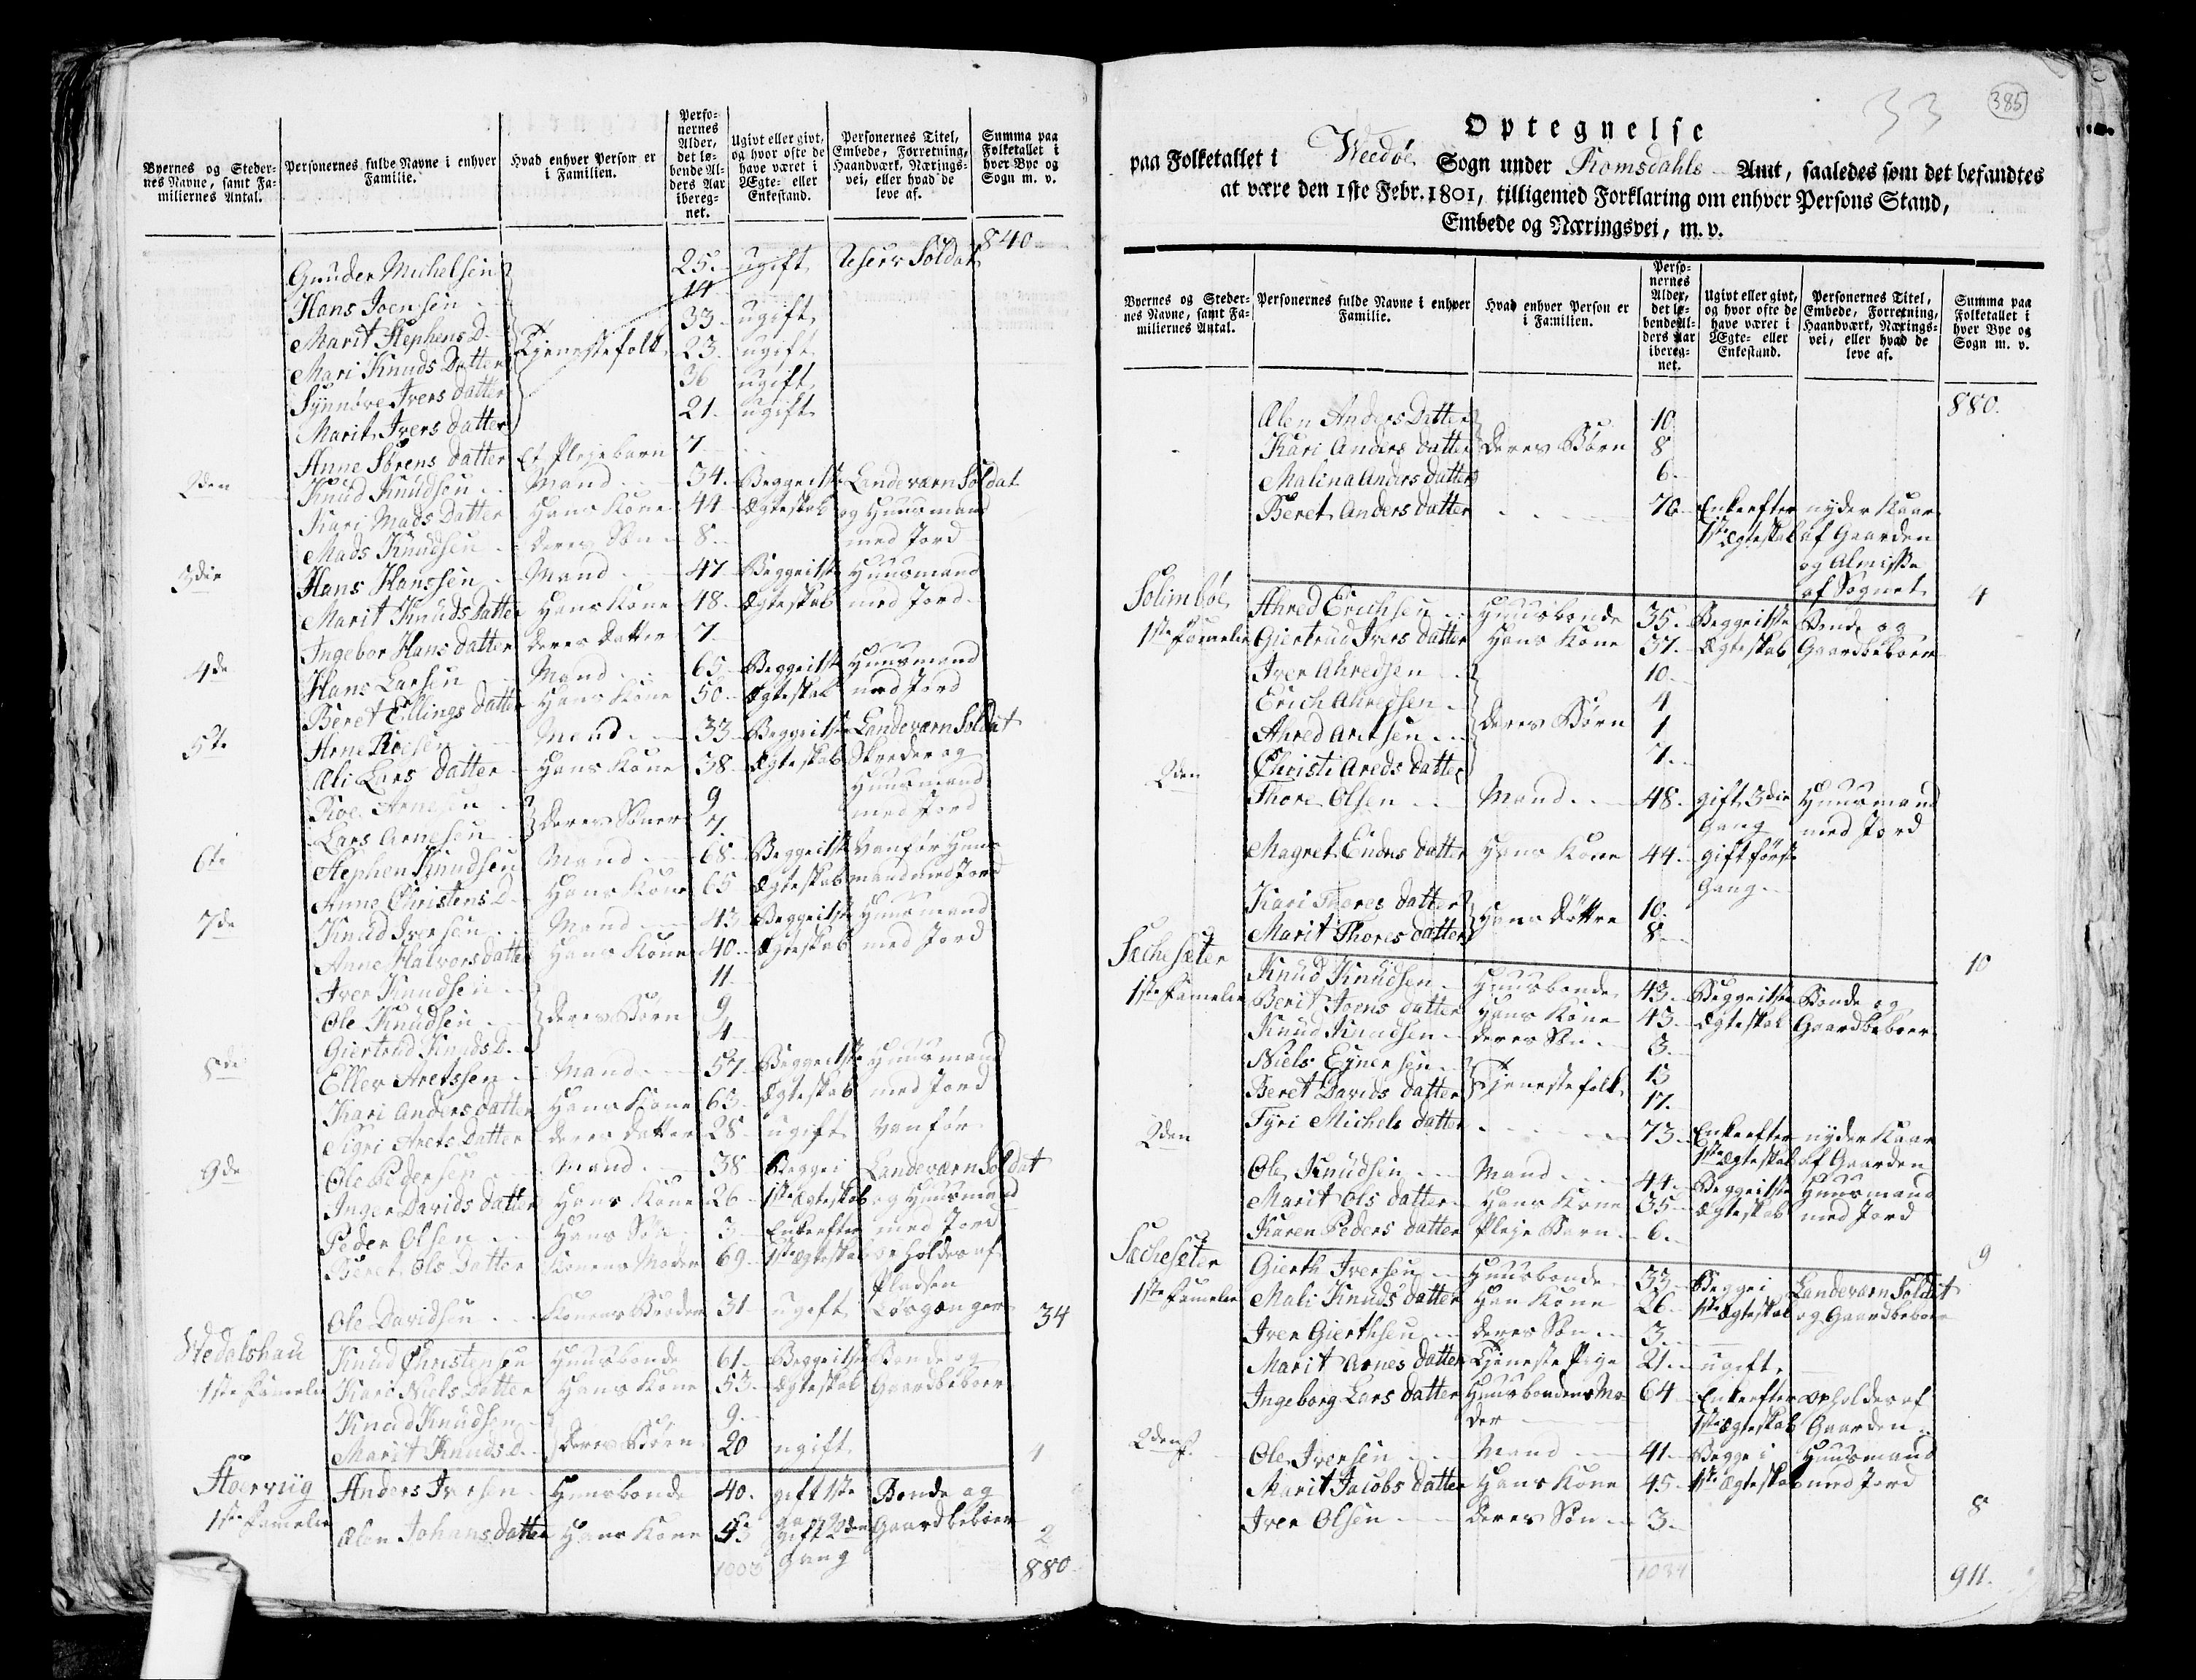 RA, Folketelling 1801 for 1541P Veøy prestegjeld, 1801, s. 384b-385a